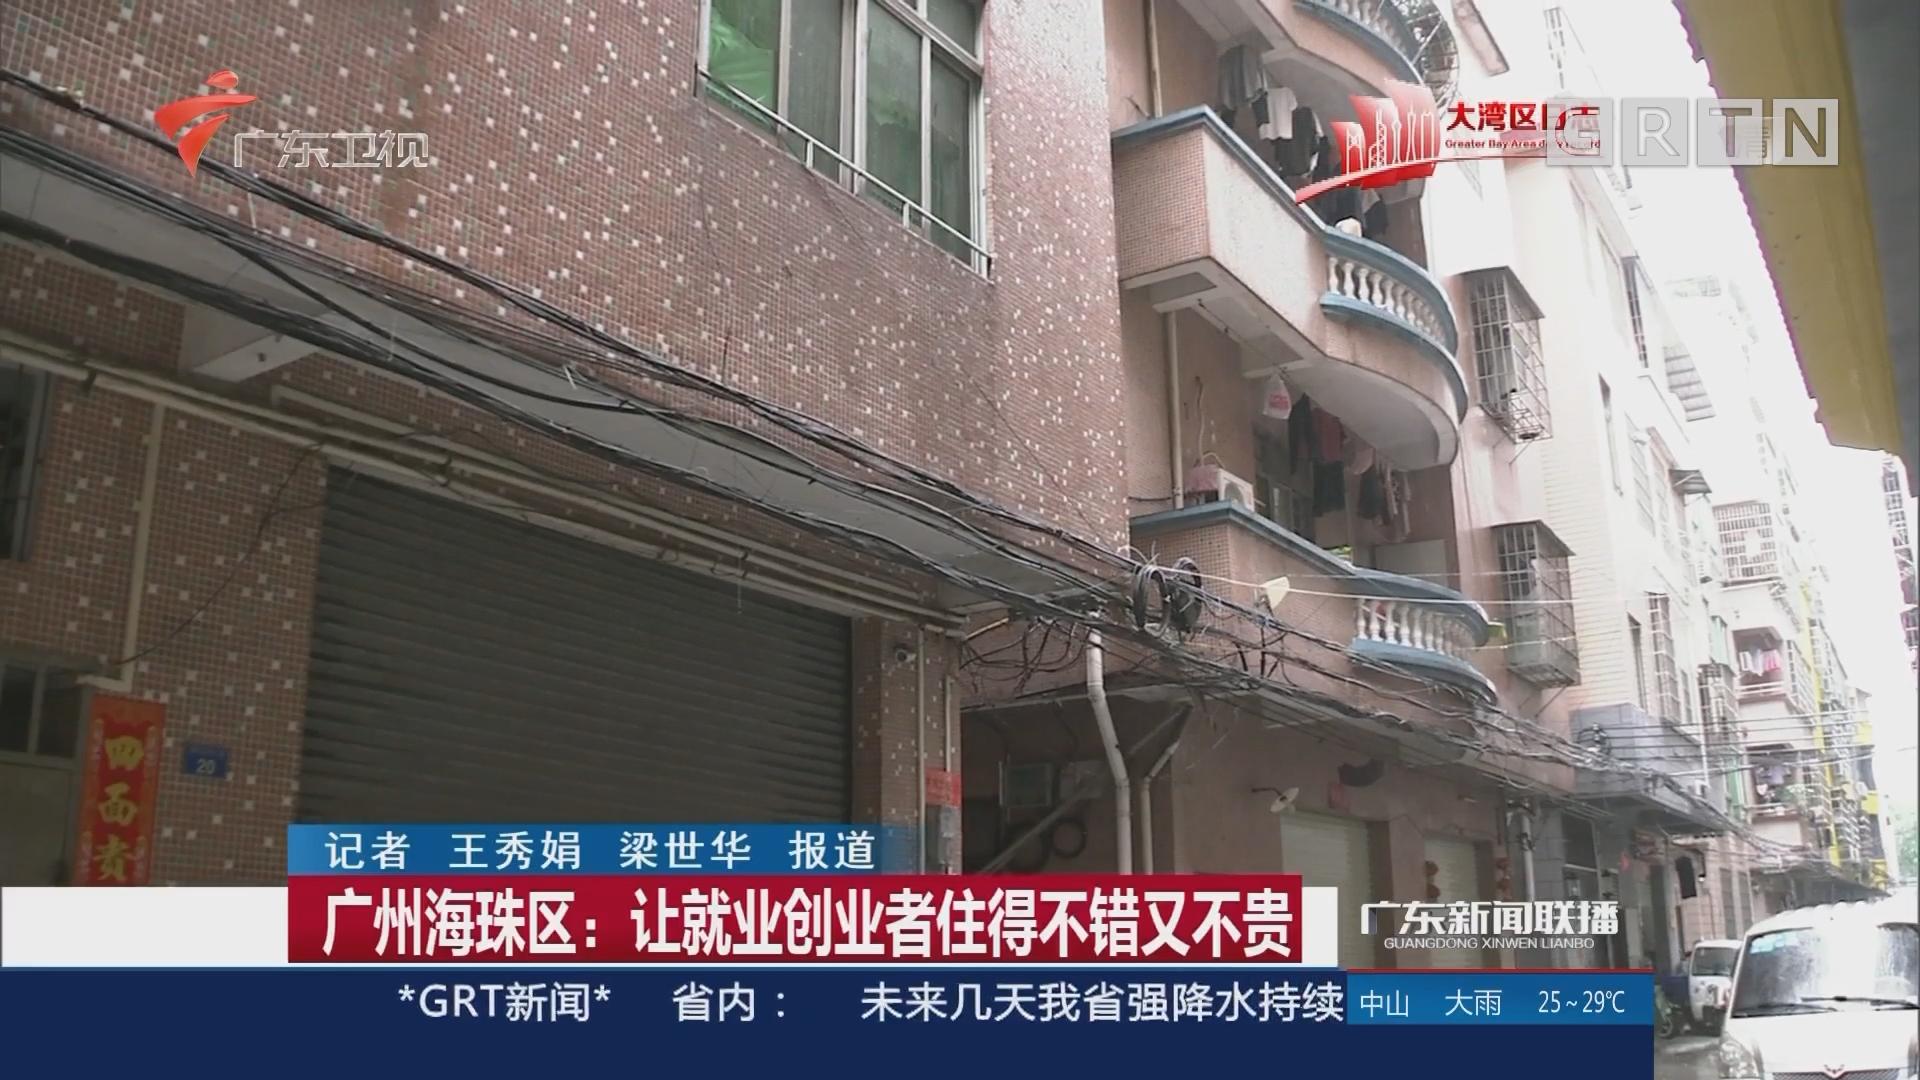 广州海珠区:让就业创业者住得不错又不贵